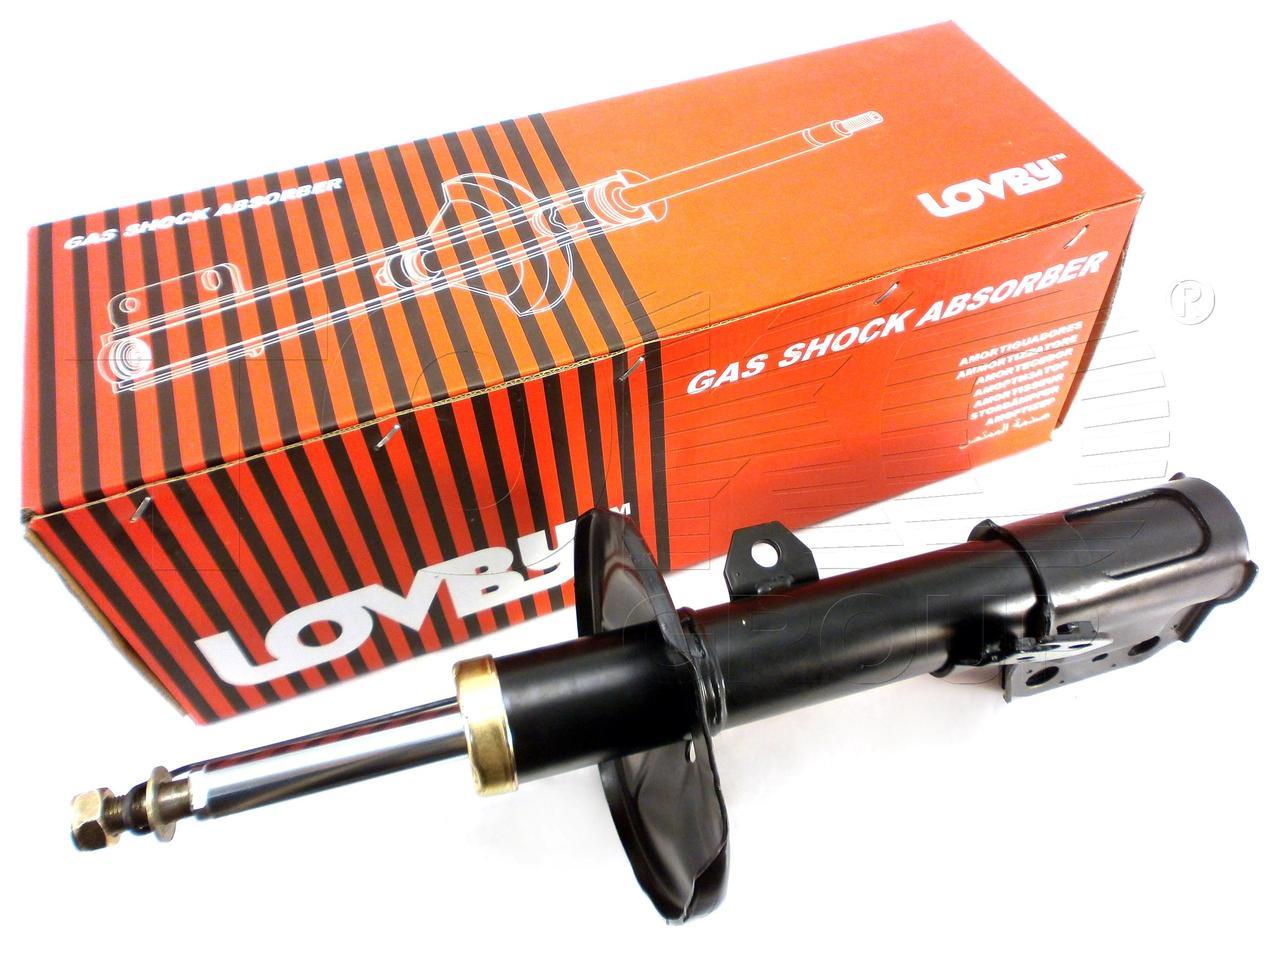 Передний газовый амортизатор TOYOTA AVENSIS `02-   Передние стойки амортизаторы Тойота Авенсис 4851005220